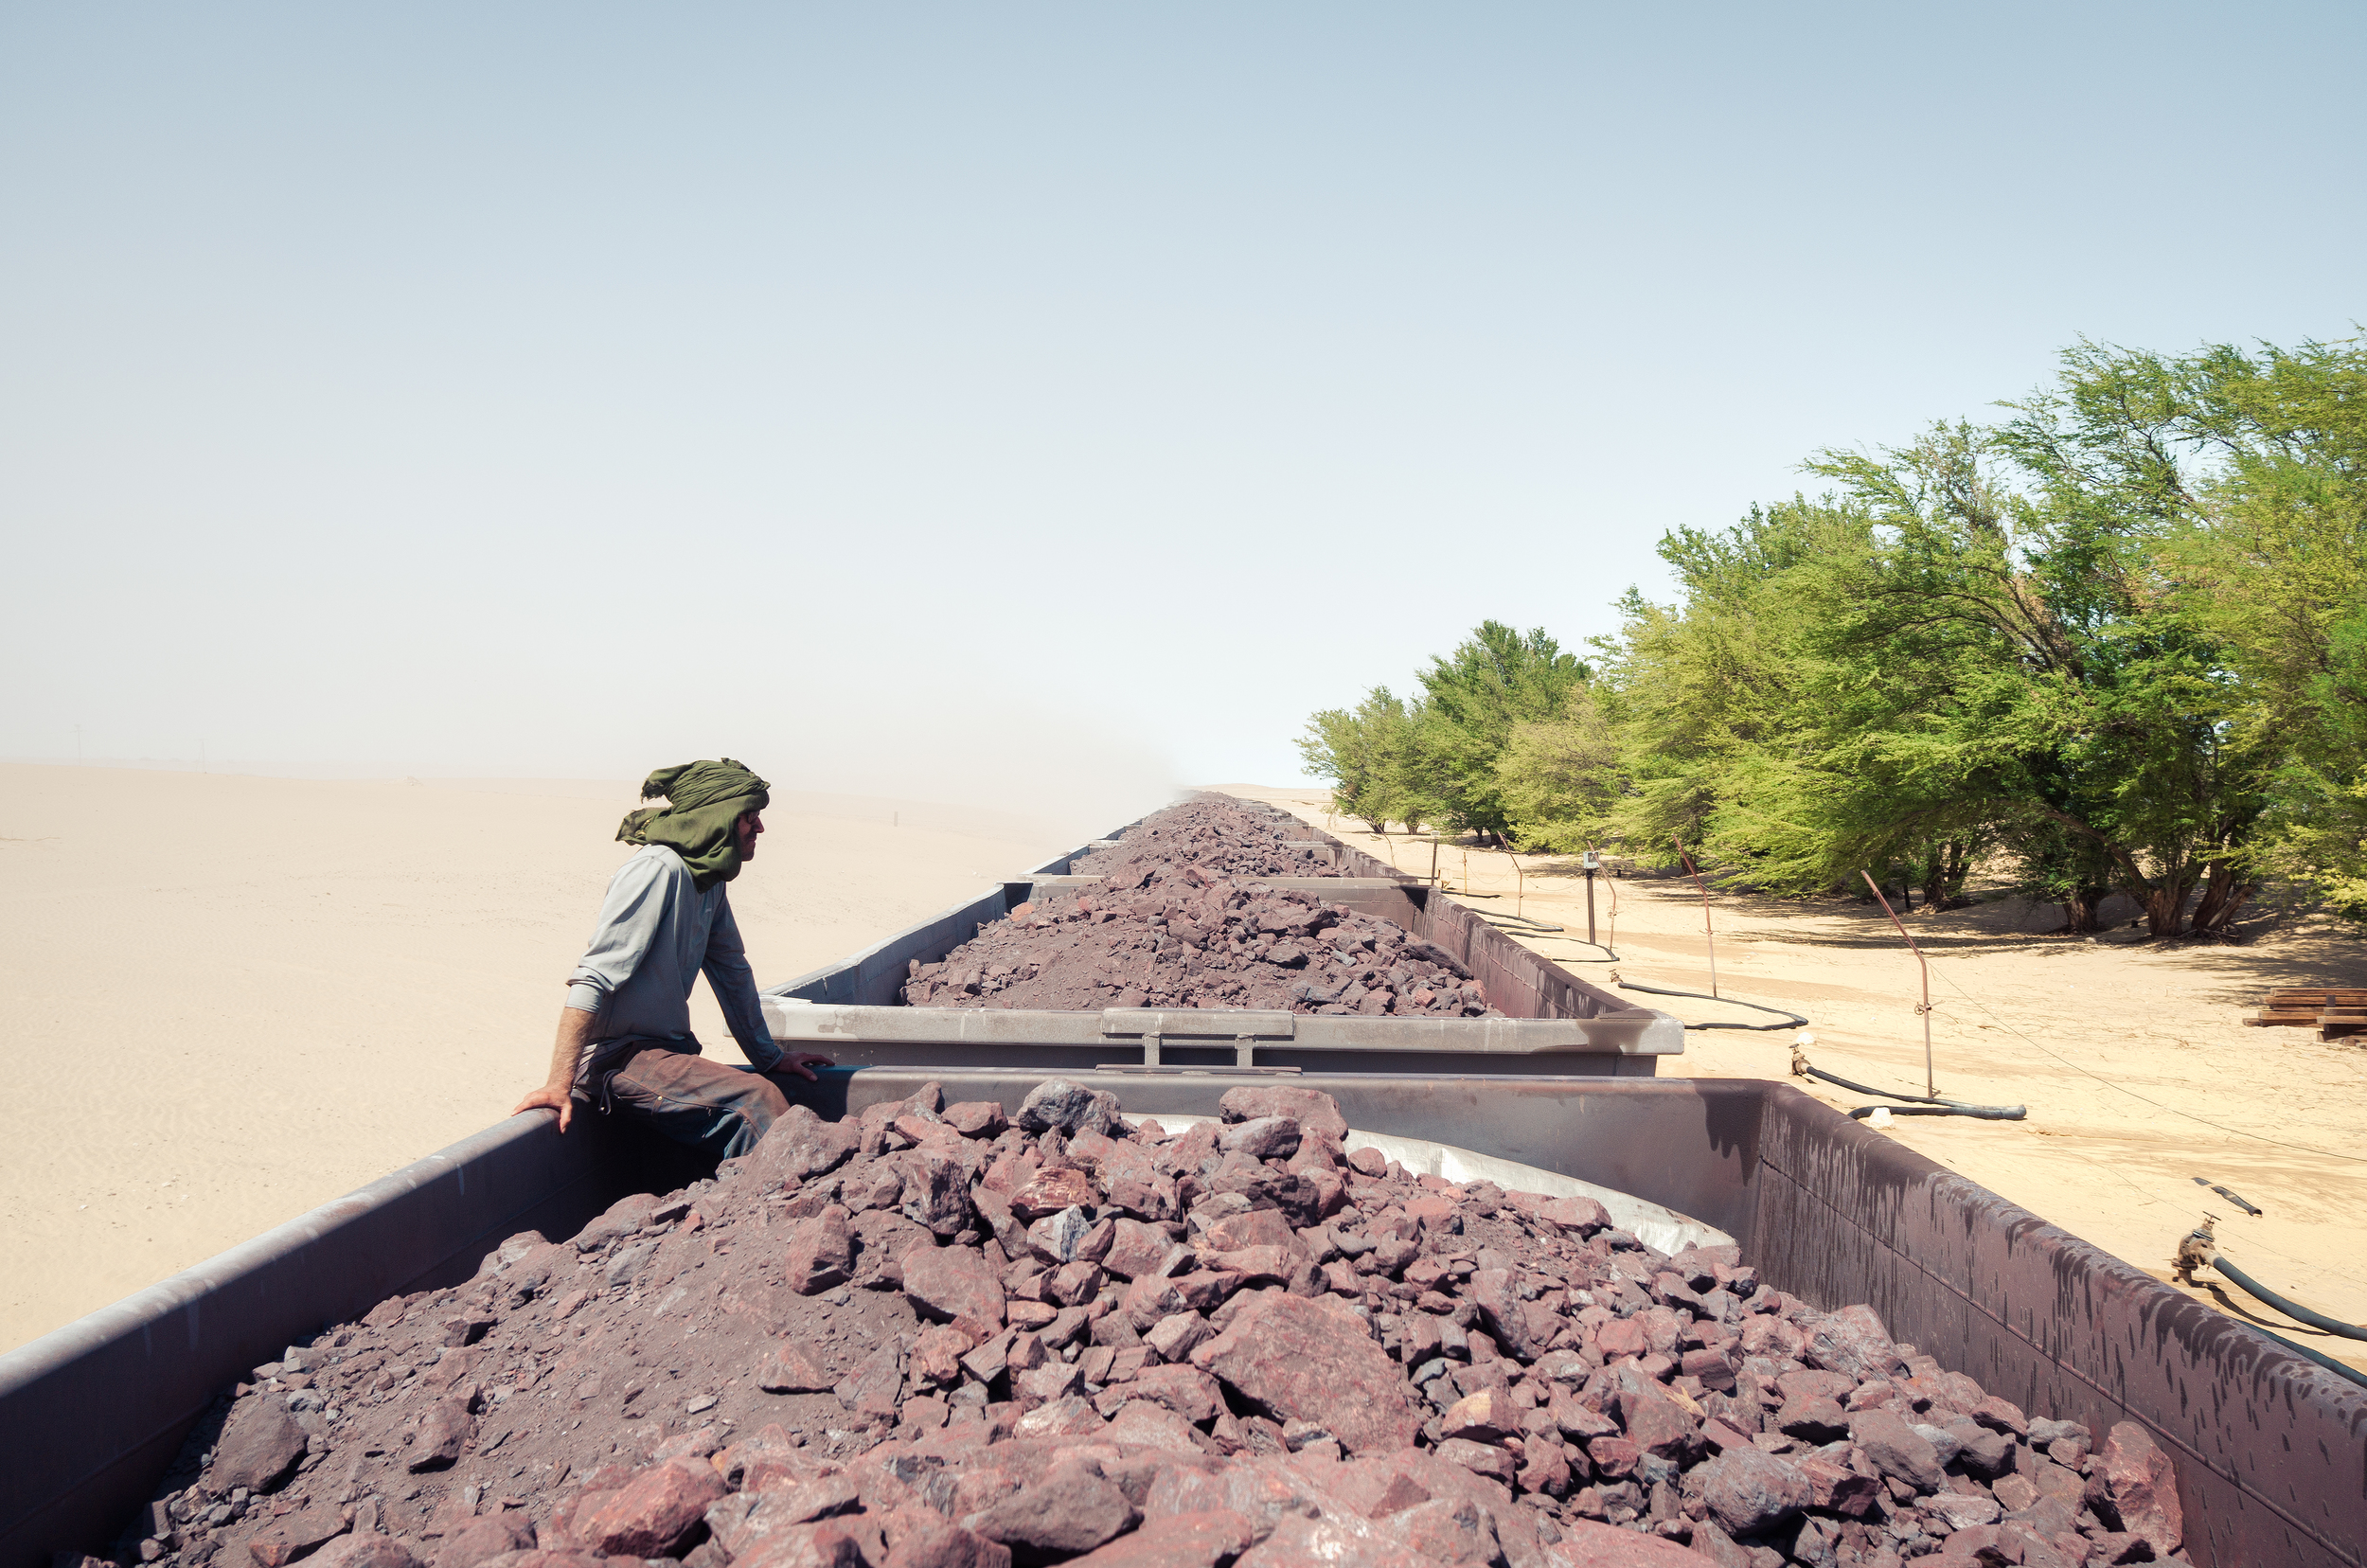 mauritania_jodymacdonaldphotography9.jpg